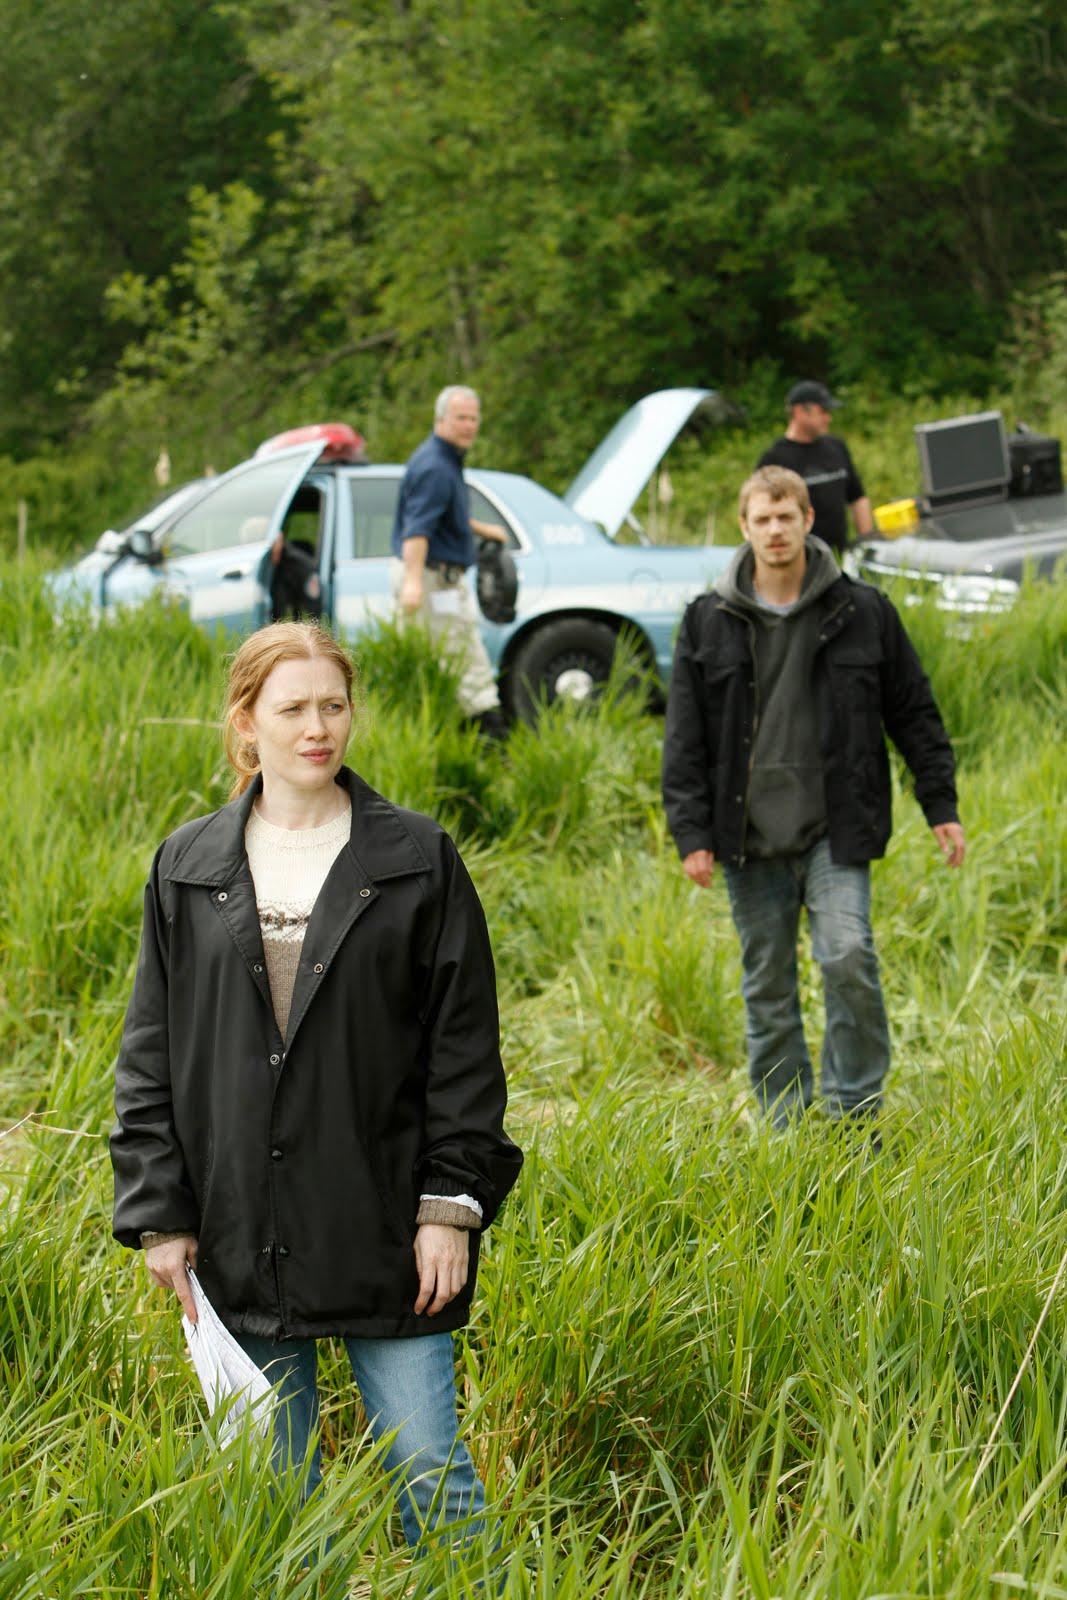 http://1.bp.blogspot.com/-a_LJujzPWvE/TbYzoTEBmmI/AAAAAAAAAFk/73TqSEHnEq0/s1600/2011-04-25+The+Killing.jpg